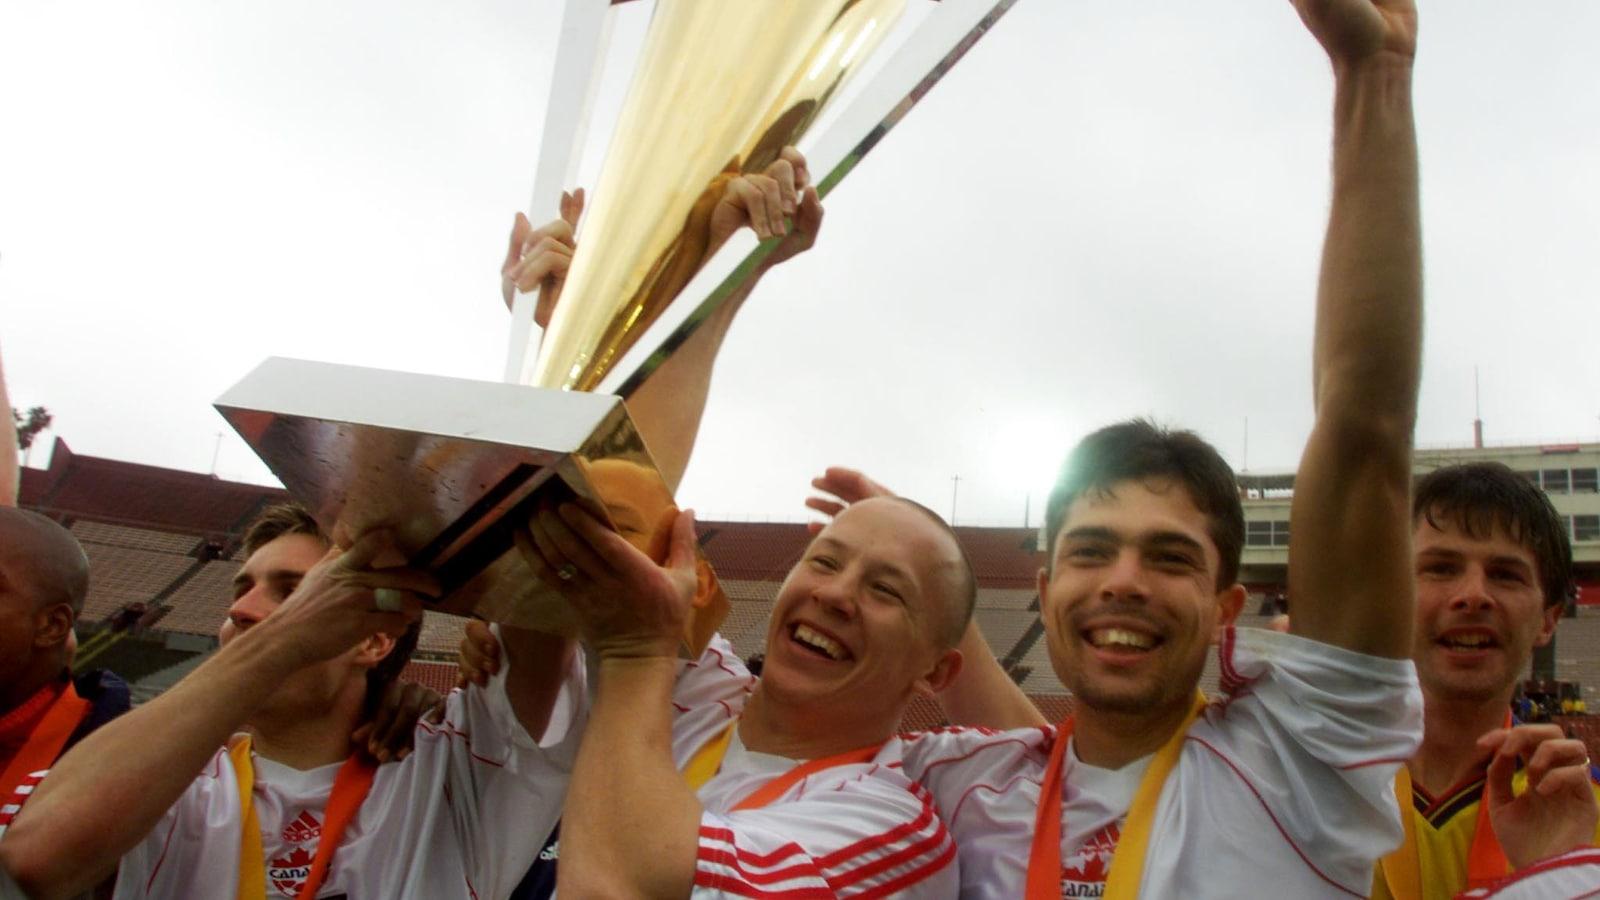 Jim Brennan, Garret Kusch et Paul Fenwick, du Canada, soulèvent le trophée après avoir vaincu la Colombie en finale du tournoi de la Gold Cup en 2000.